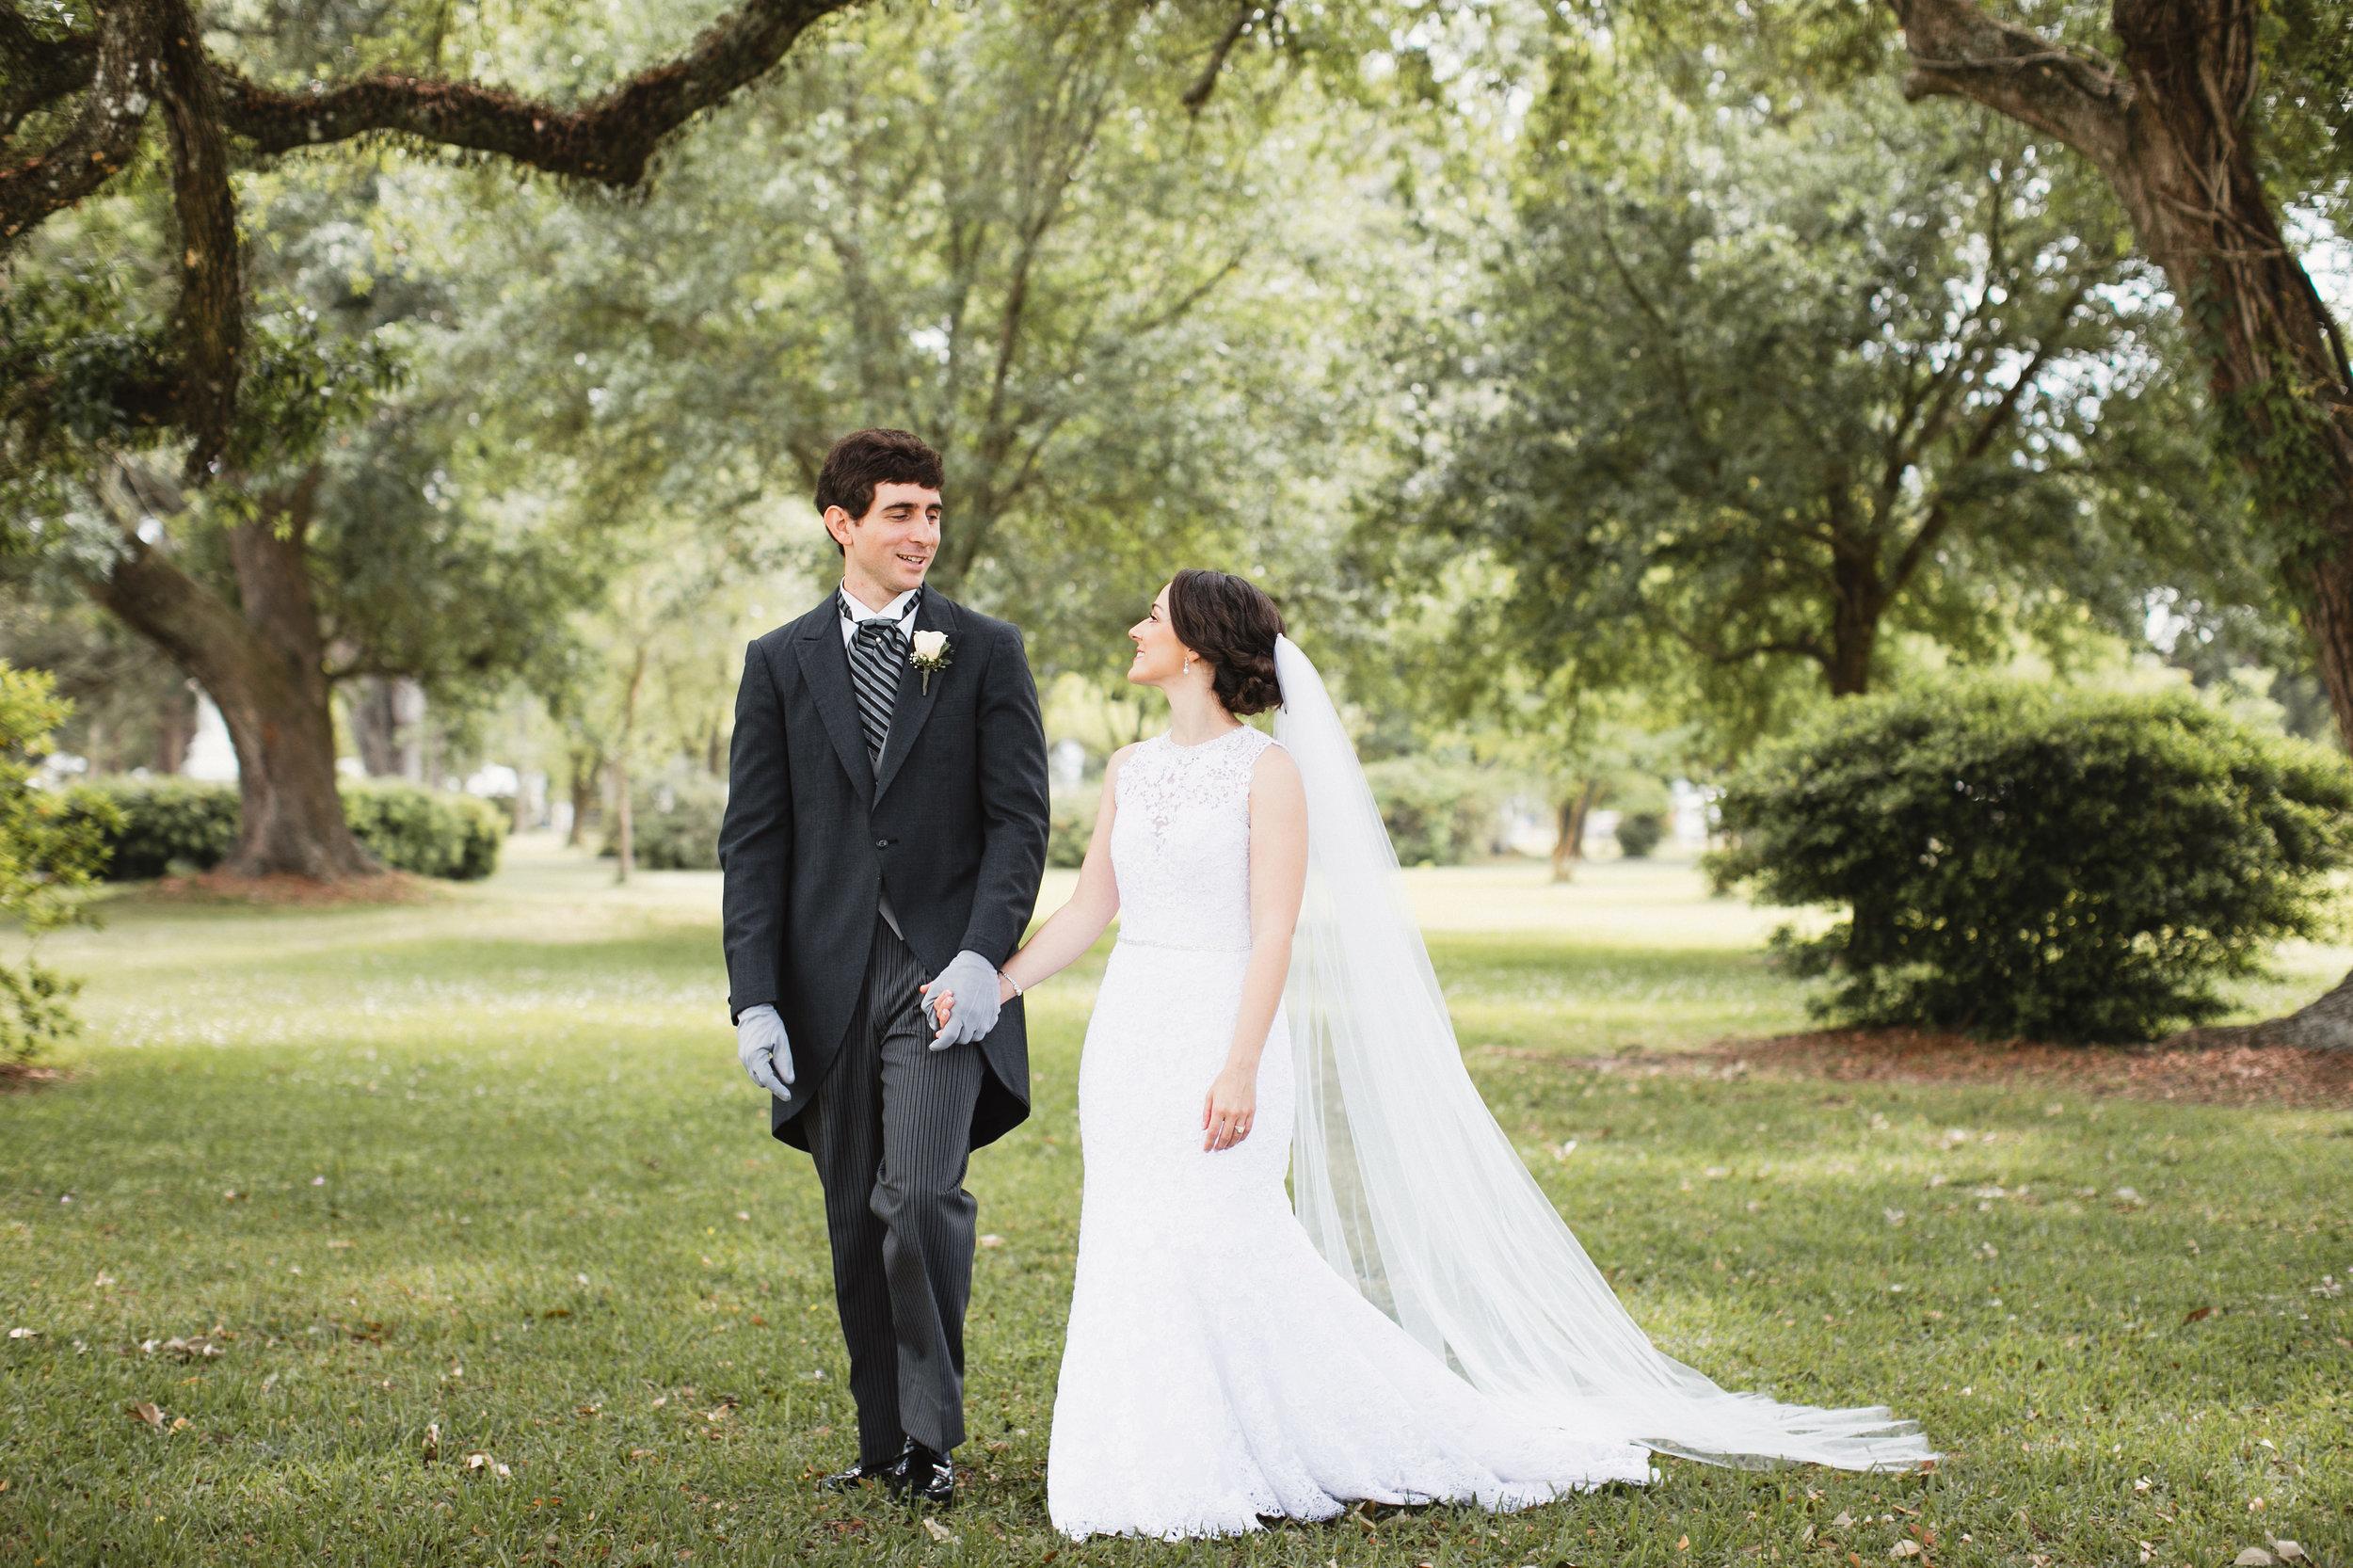 Ducote_Naccari_wedding_0510.jpg